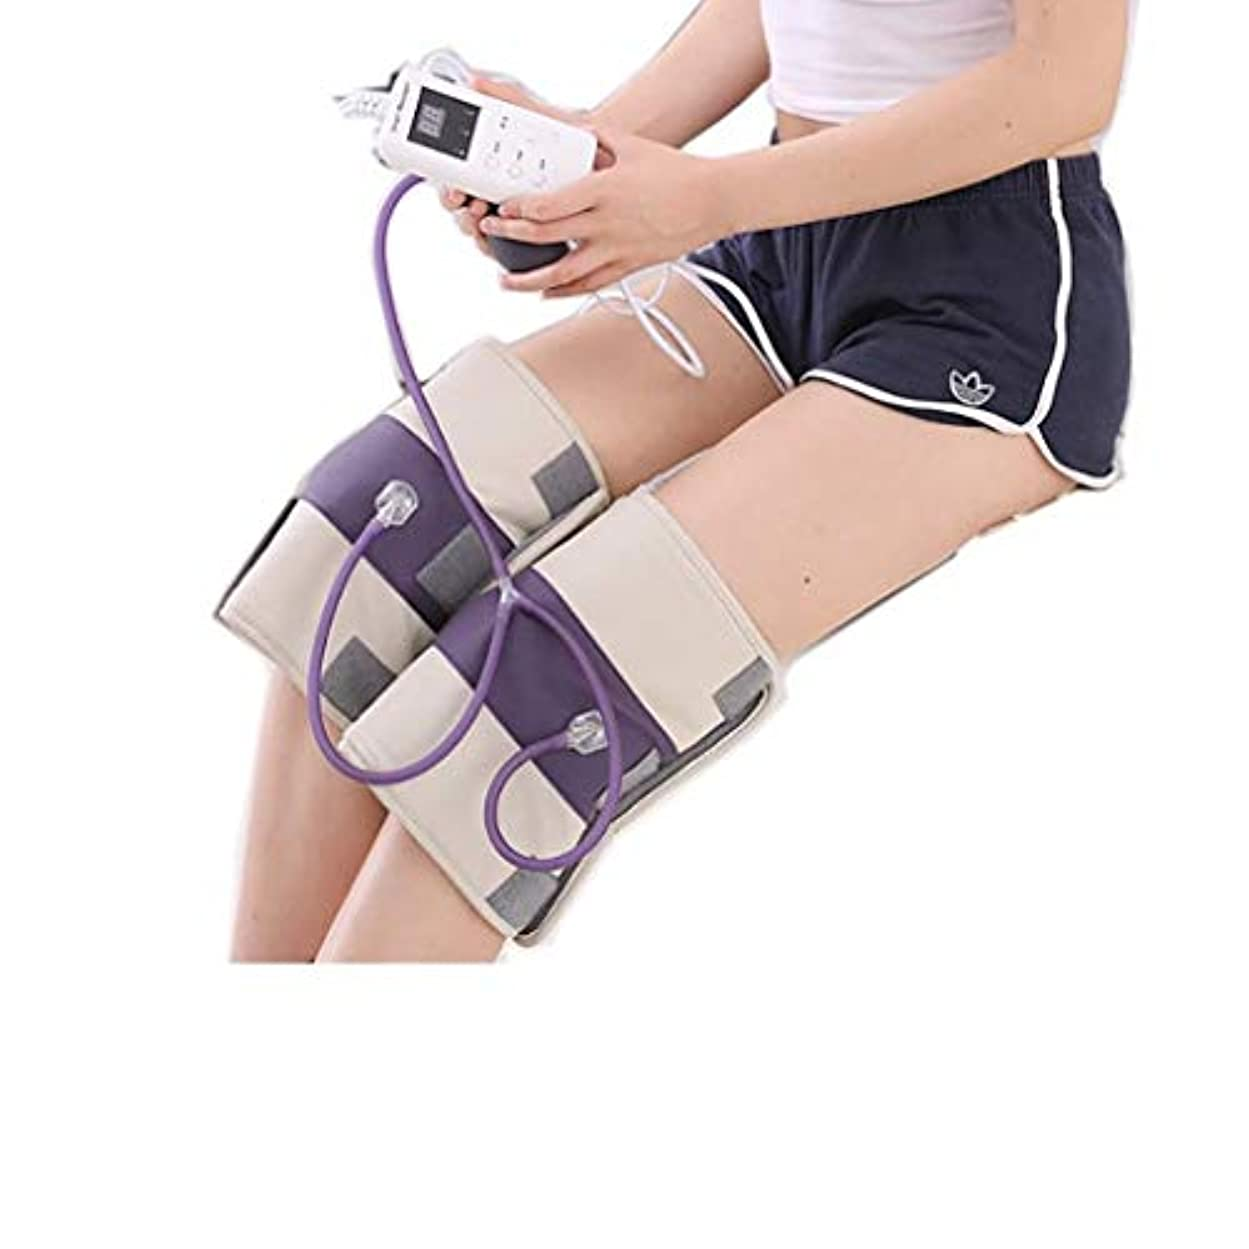 資料バンガロー希少性熱くする足のマッサージャー、マッサージの膝パッド、膝の振動マッサージ、M/熱い圧縮/磁気療法、3つの温度調節、理性的なタイミング